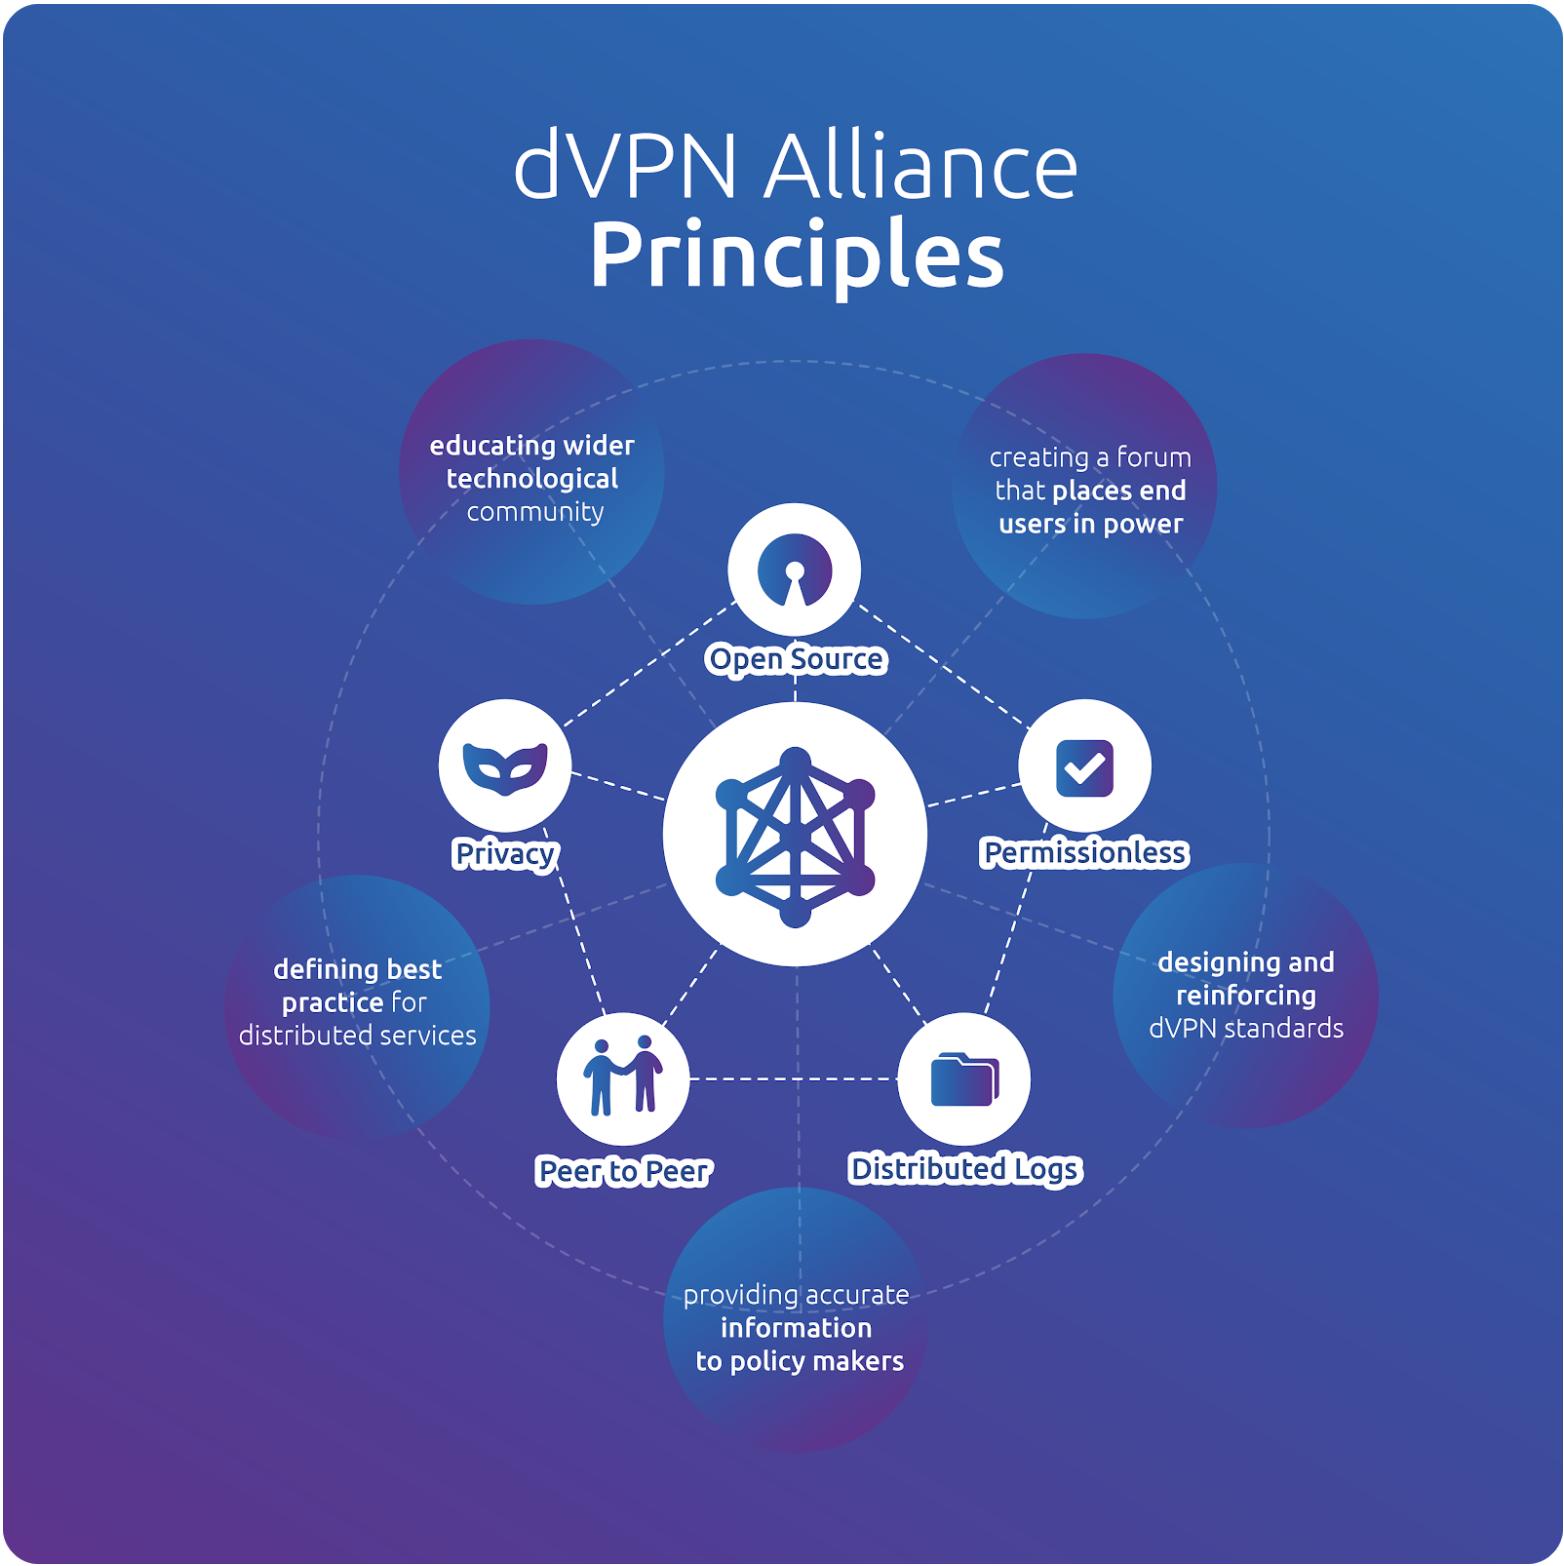 dVPN Alliance